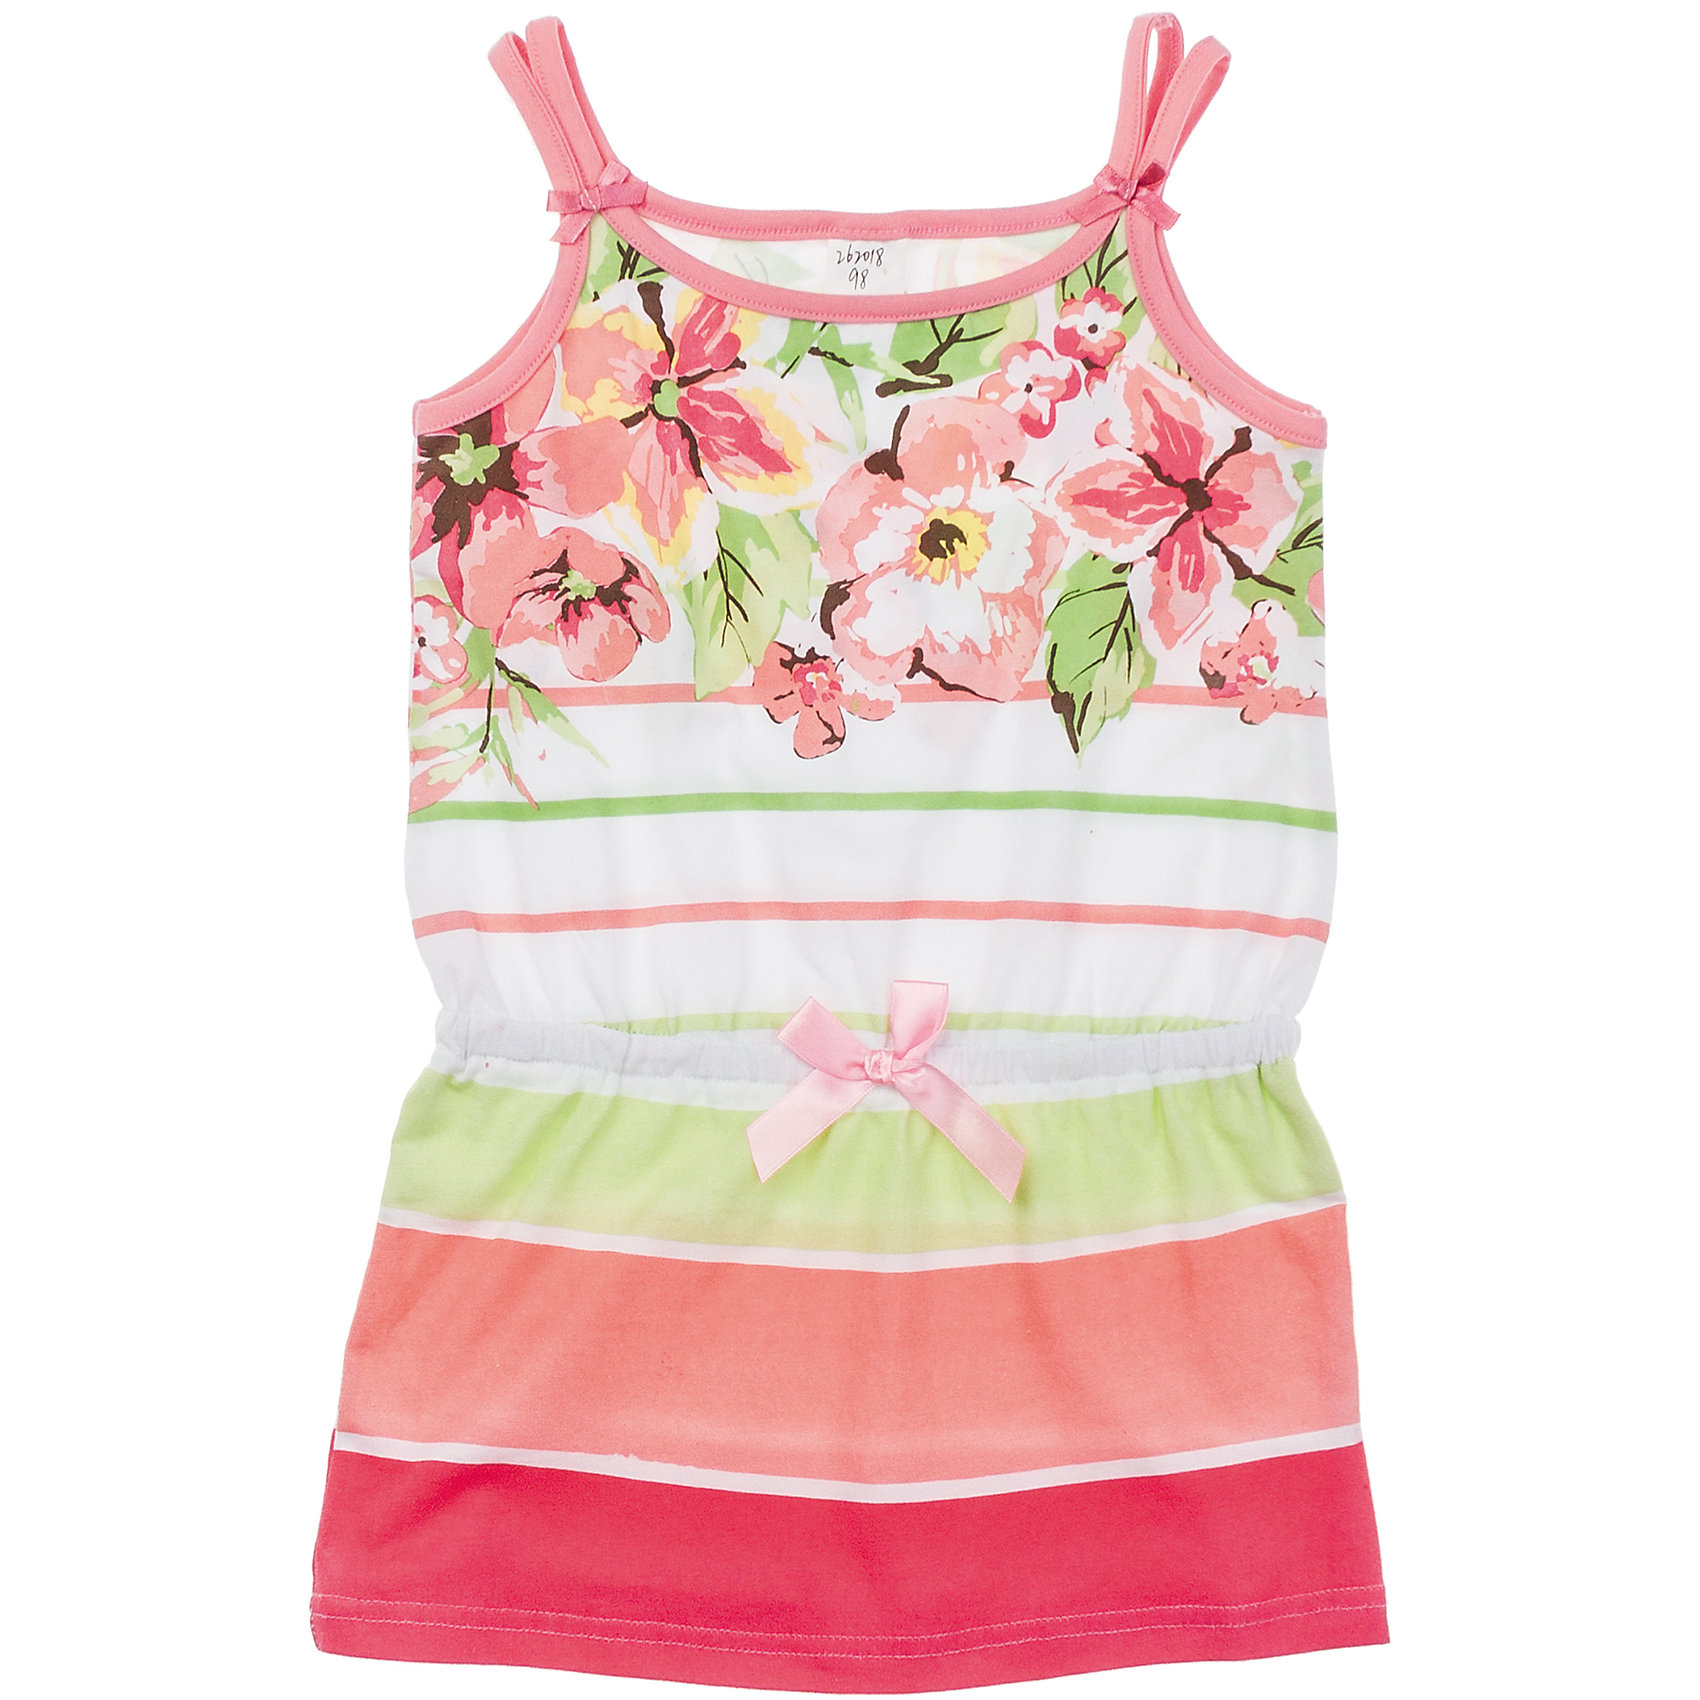 Платье PlayTodayПлатья и сарафаны<br>Мягкое хлопковое платье в полоску. Украшено водным принтом с нежными цветочками. Пояс на резинке, спереди и сзади бантики. Состав: 95% хлопок, 5% эластан<br><br>Ширина мм: 236<br>Глубина мм: 16<br>Высота мм: 184<br>Вес г: 177<br>Цвет: белый<br>Возраст от месяцев: 48<br>Возраст до месяцев: 60<br>Пол: Женский<br>Возраст: Детский<br>Размер: 104,128,98,122,110,116<br>SKU: 4652693